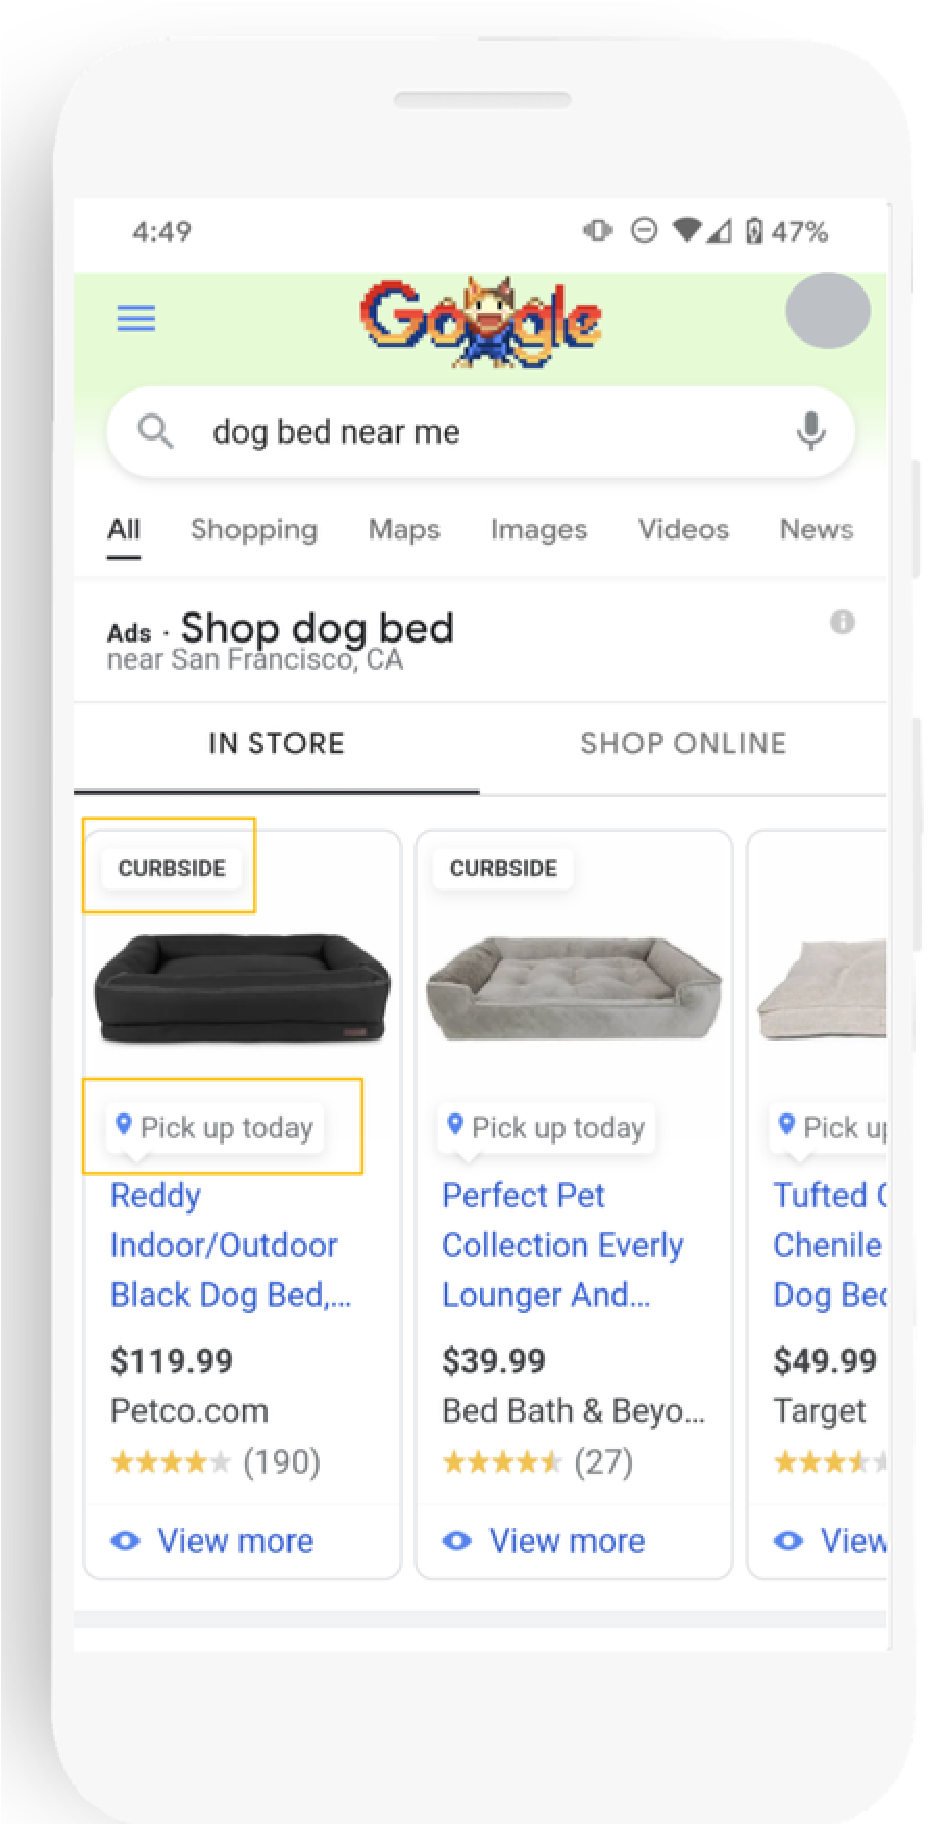 Auf dem Bild sind Google Shopping-Ergebnisse zu sehen, deren Produkte nicht nur online, sondern auch im Store zu finden sind. Diese sind mit einem speziellen Abholungs-Label versehen (gelb gekennzeichnet).